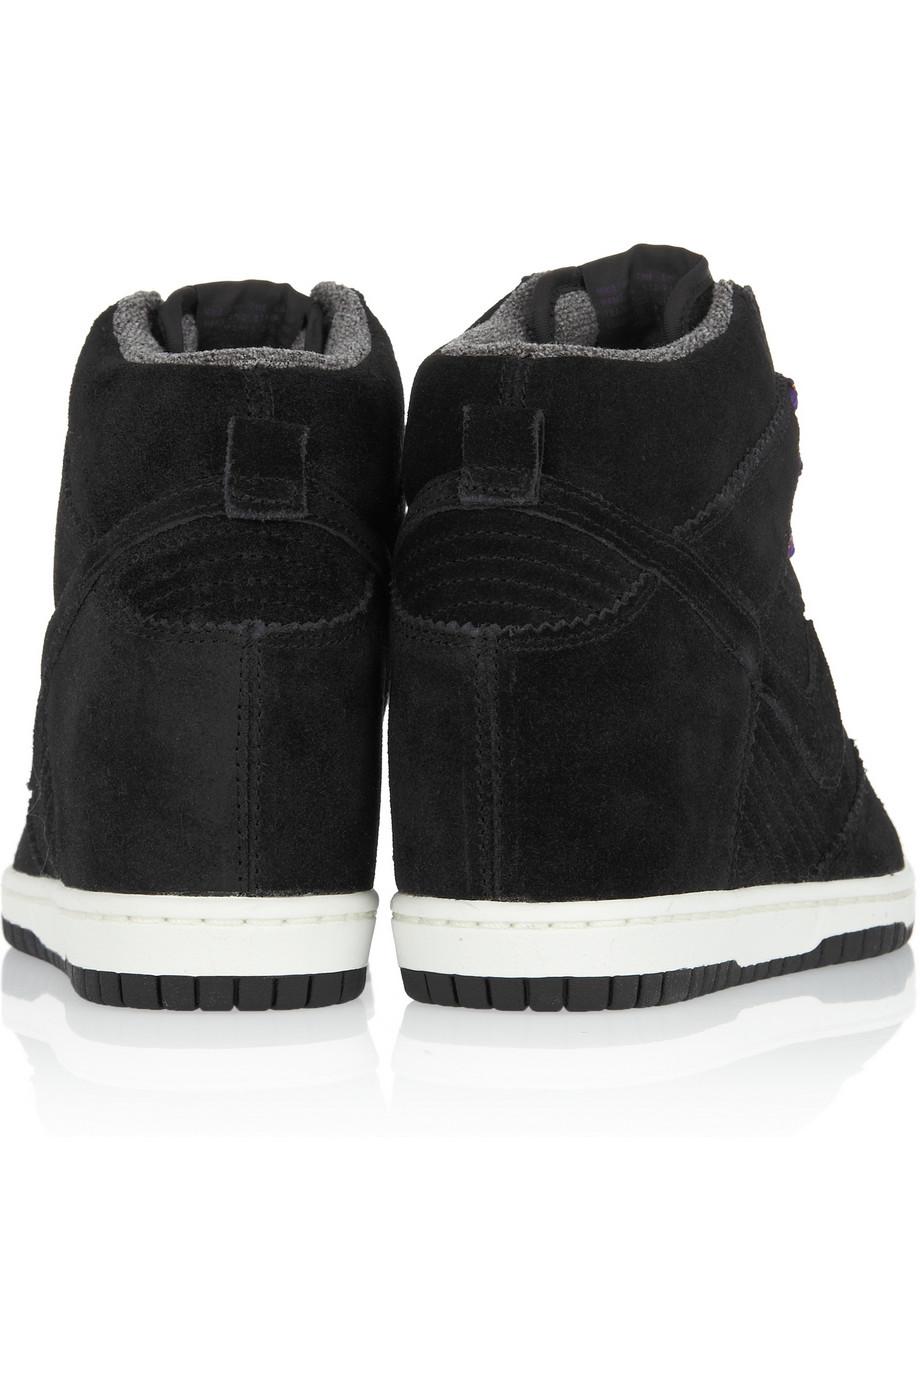 Nike Dunk Sky Hi Suede Wedge Sneakers in Black - Lyst